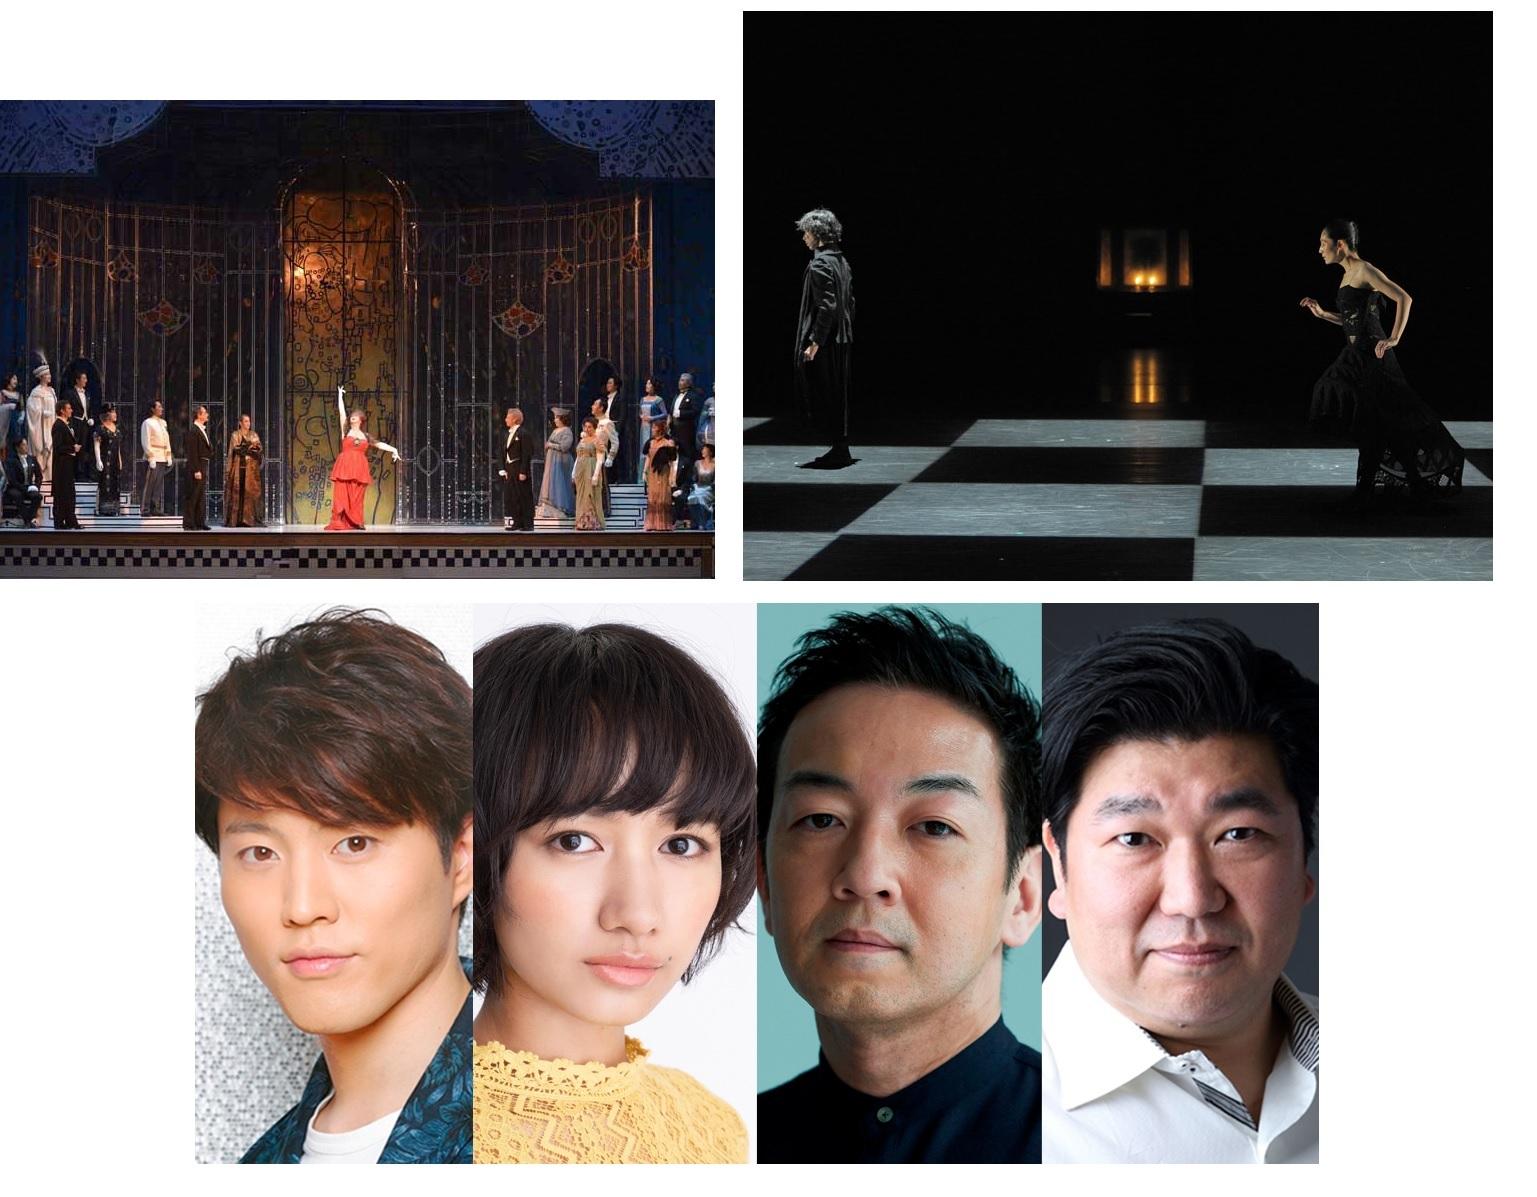 (上段左から)オペラ『こうもり』、ダンス『Shakespeare THE SONNETS』、(下段)演劇『ピーター&ザ・スターキャッチャー』